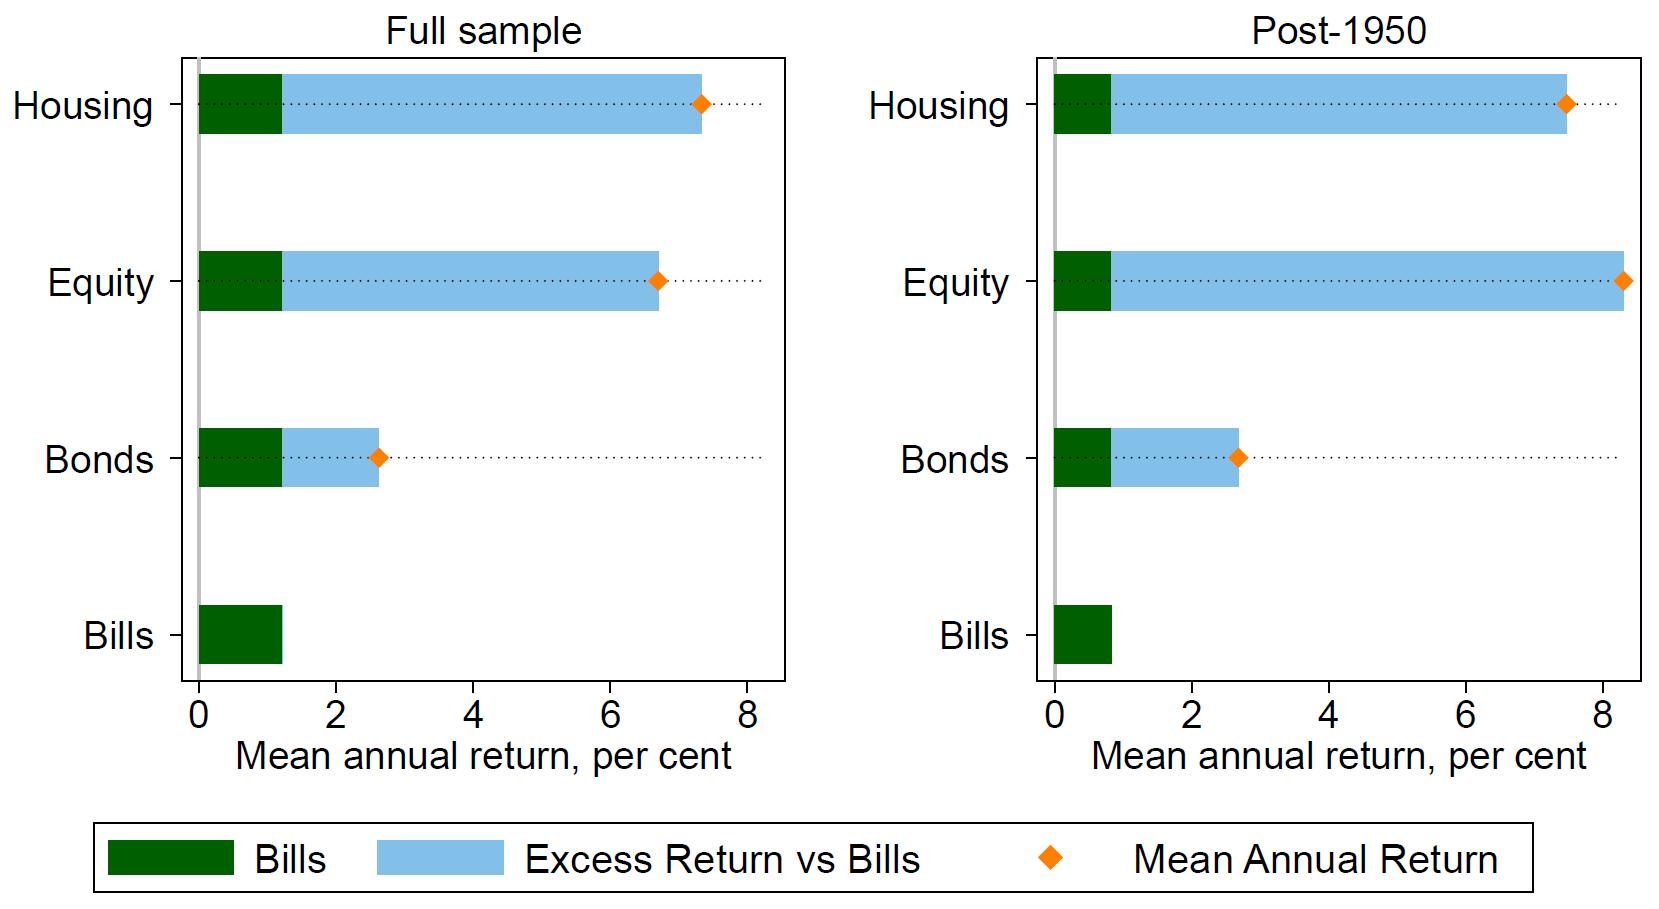 globale reale Renditen Wohnimmobilien Aktien Staatsanleihen Schatzanweisungen